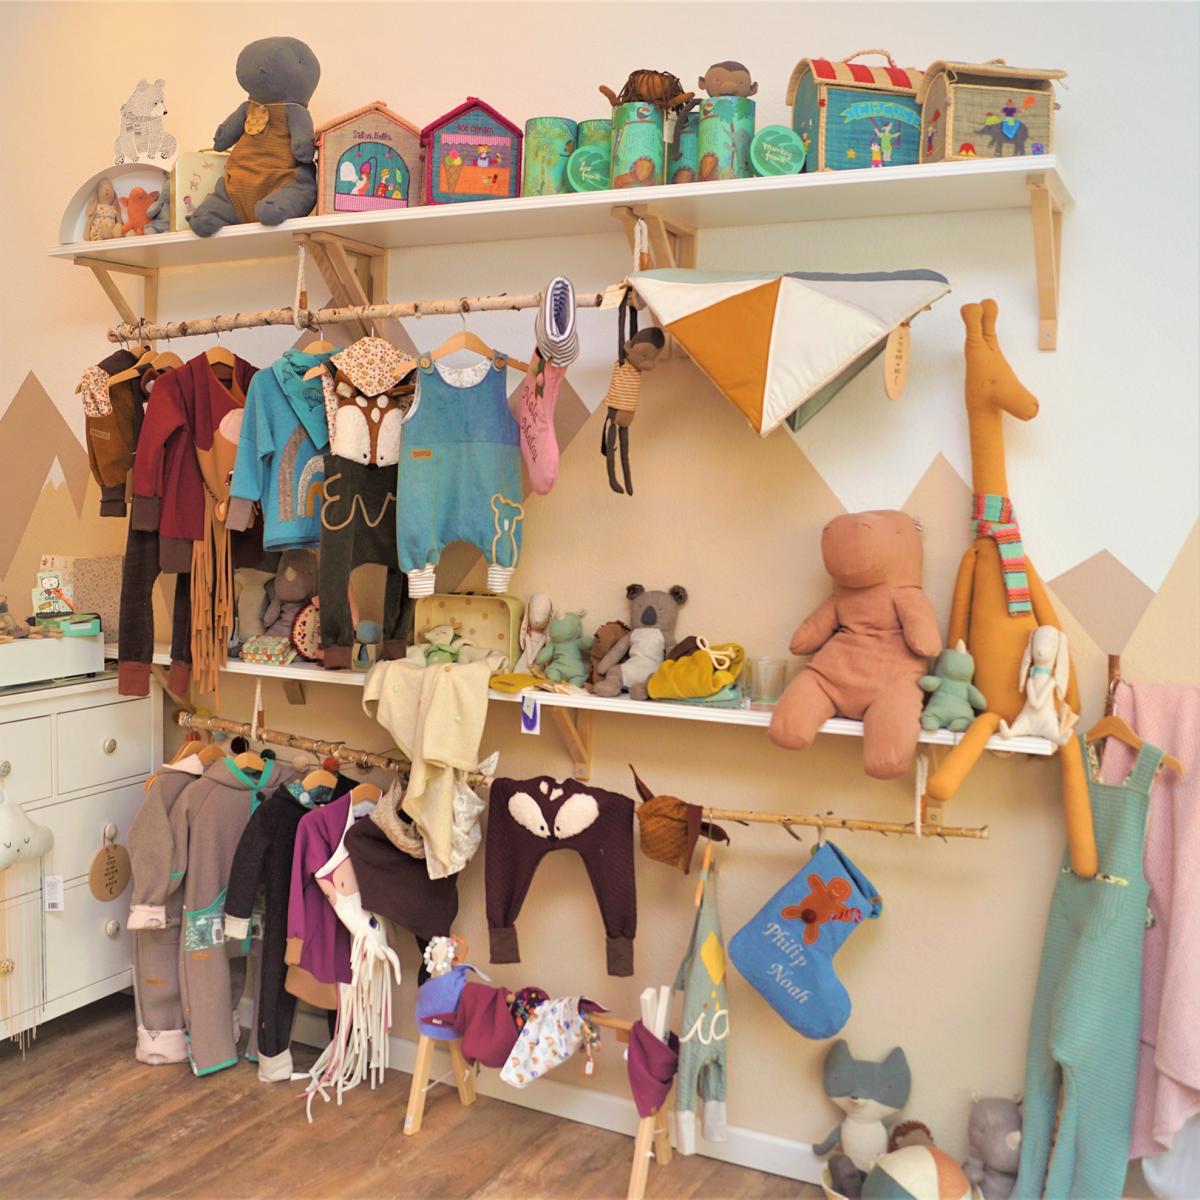 style hannover emmilo kindermode foto@stadtkind frank 14 - Emmilo - Kindermode in Döhren